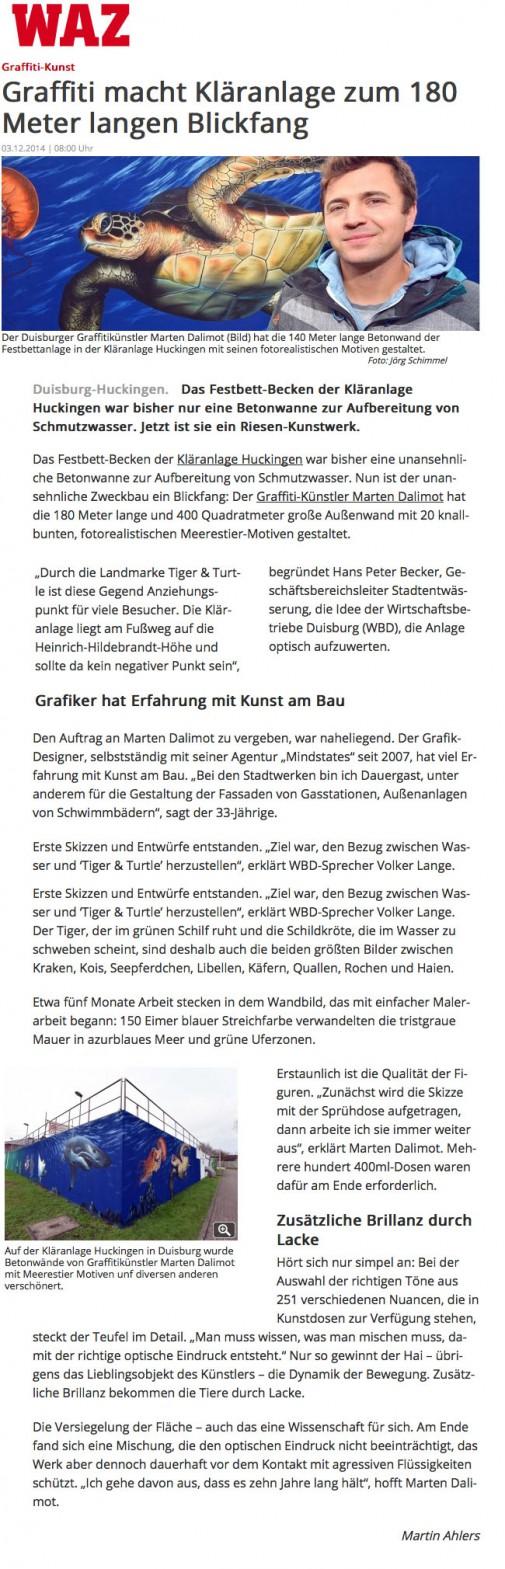 WAZ online vom 3.12.2014 - Klärwerk Huckingen